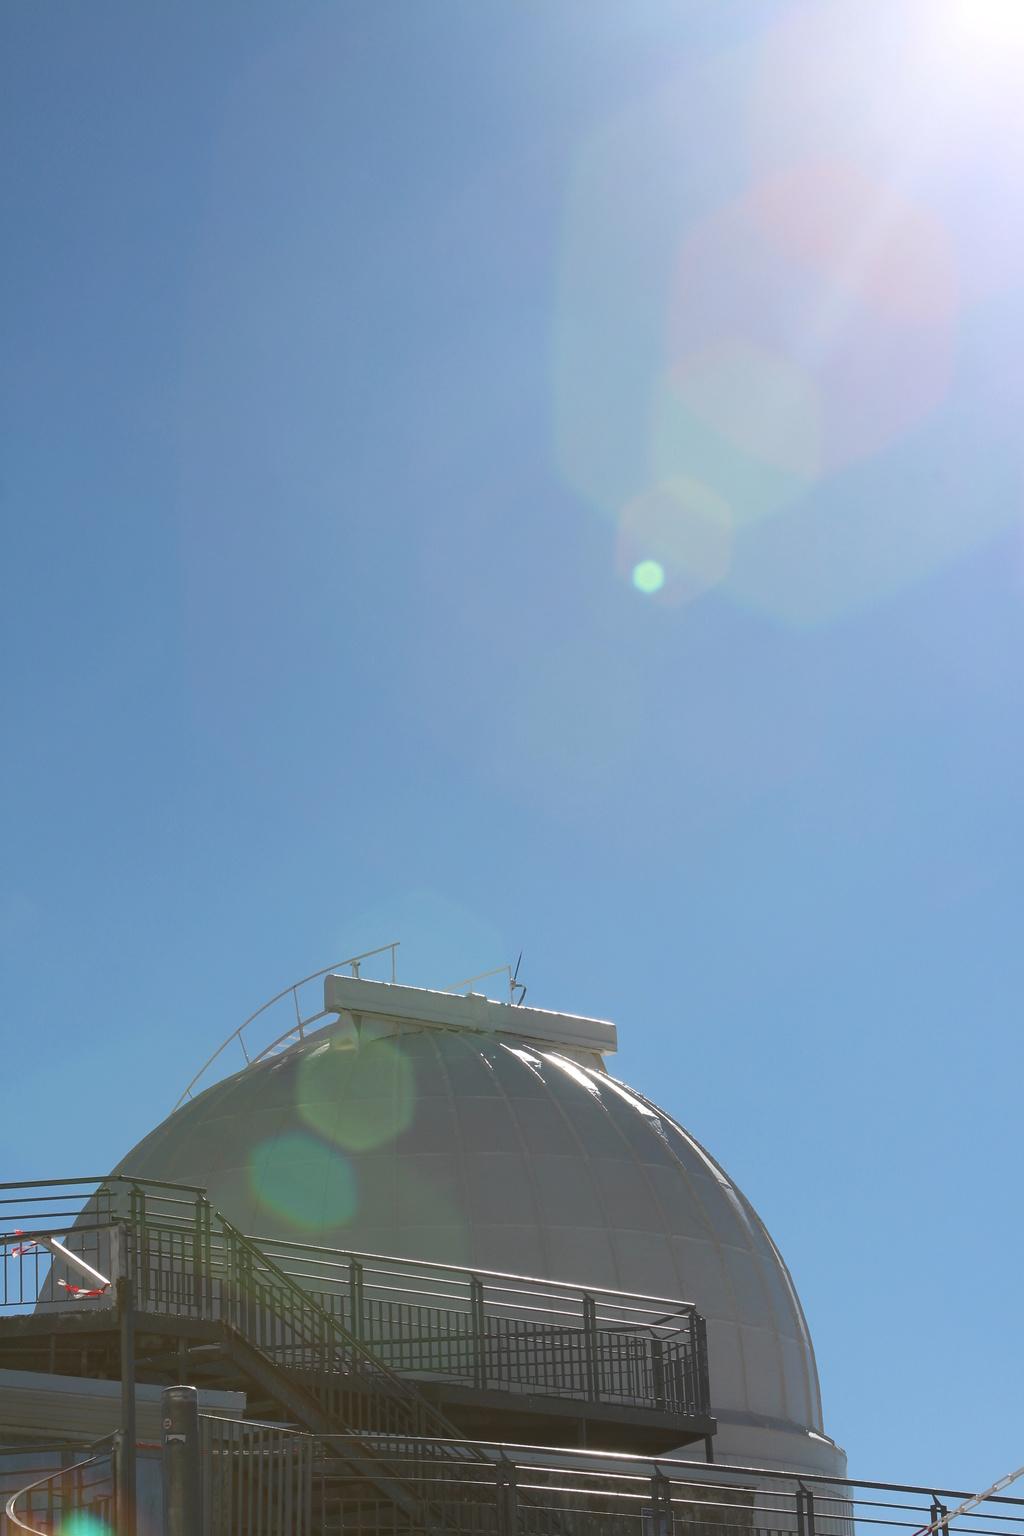 Quatrième mission au Pic du Midi, T60, semaine 42 Img_3612